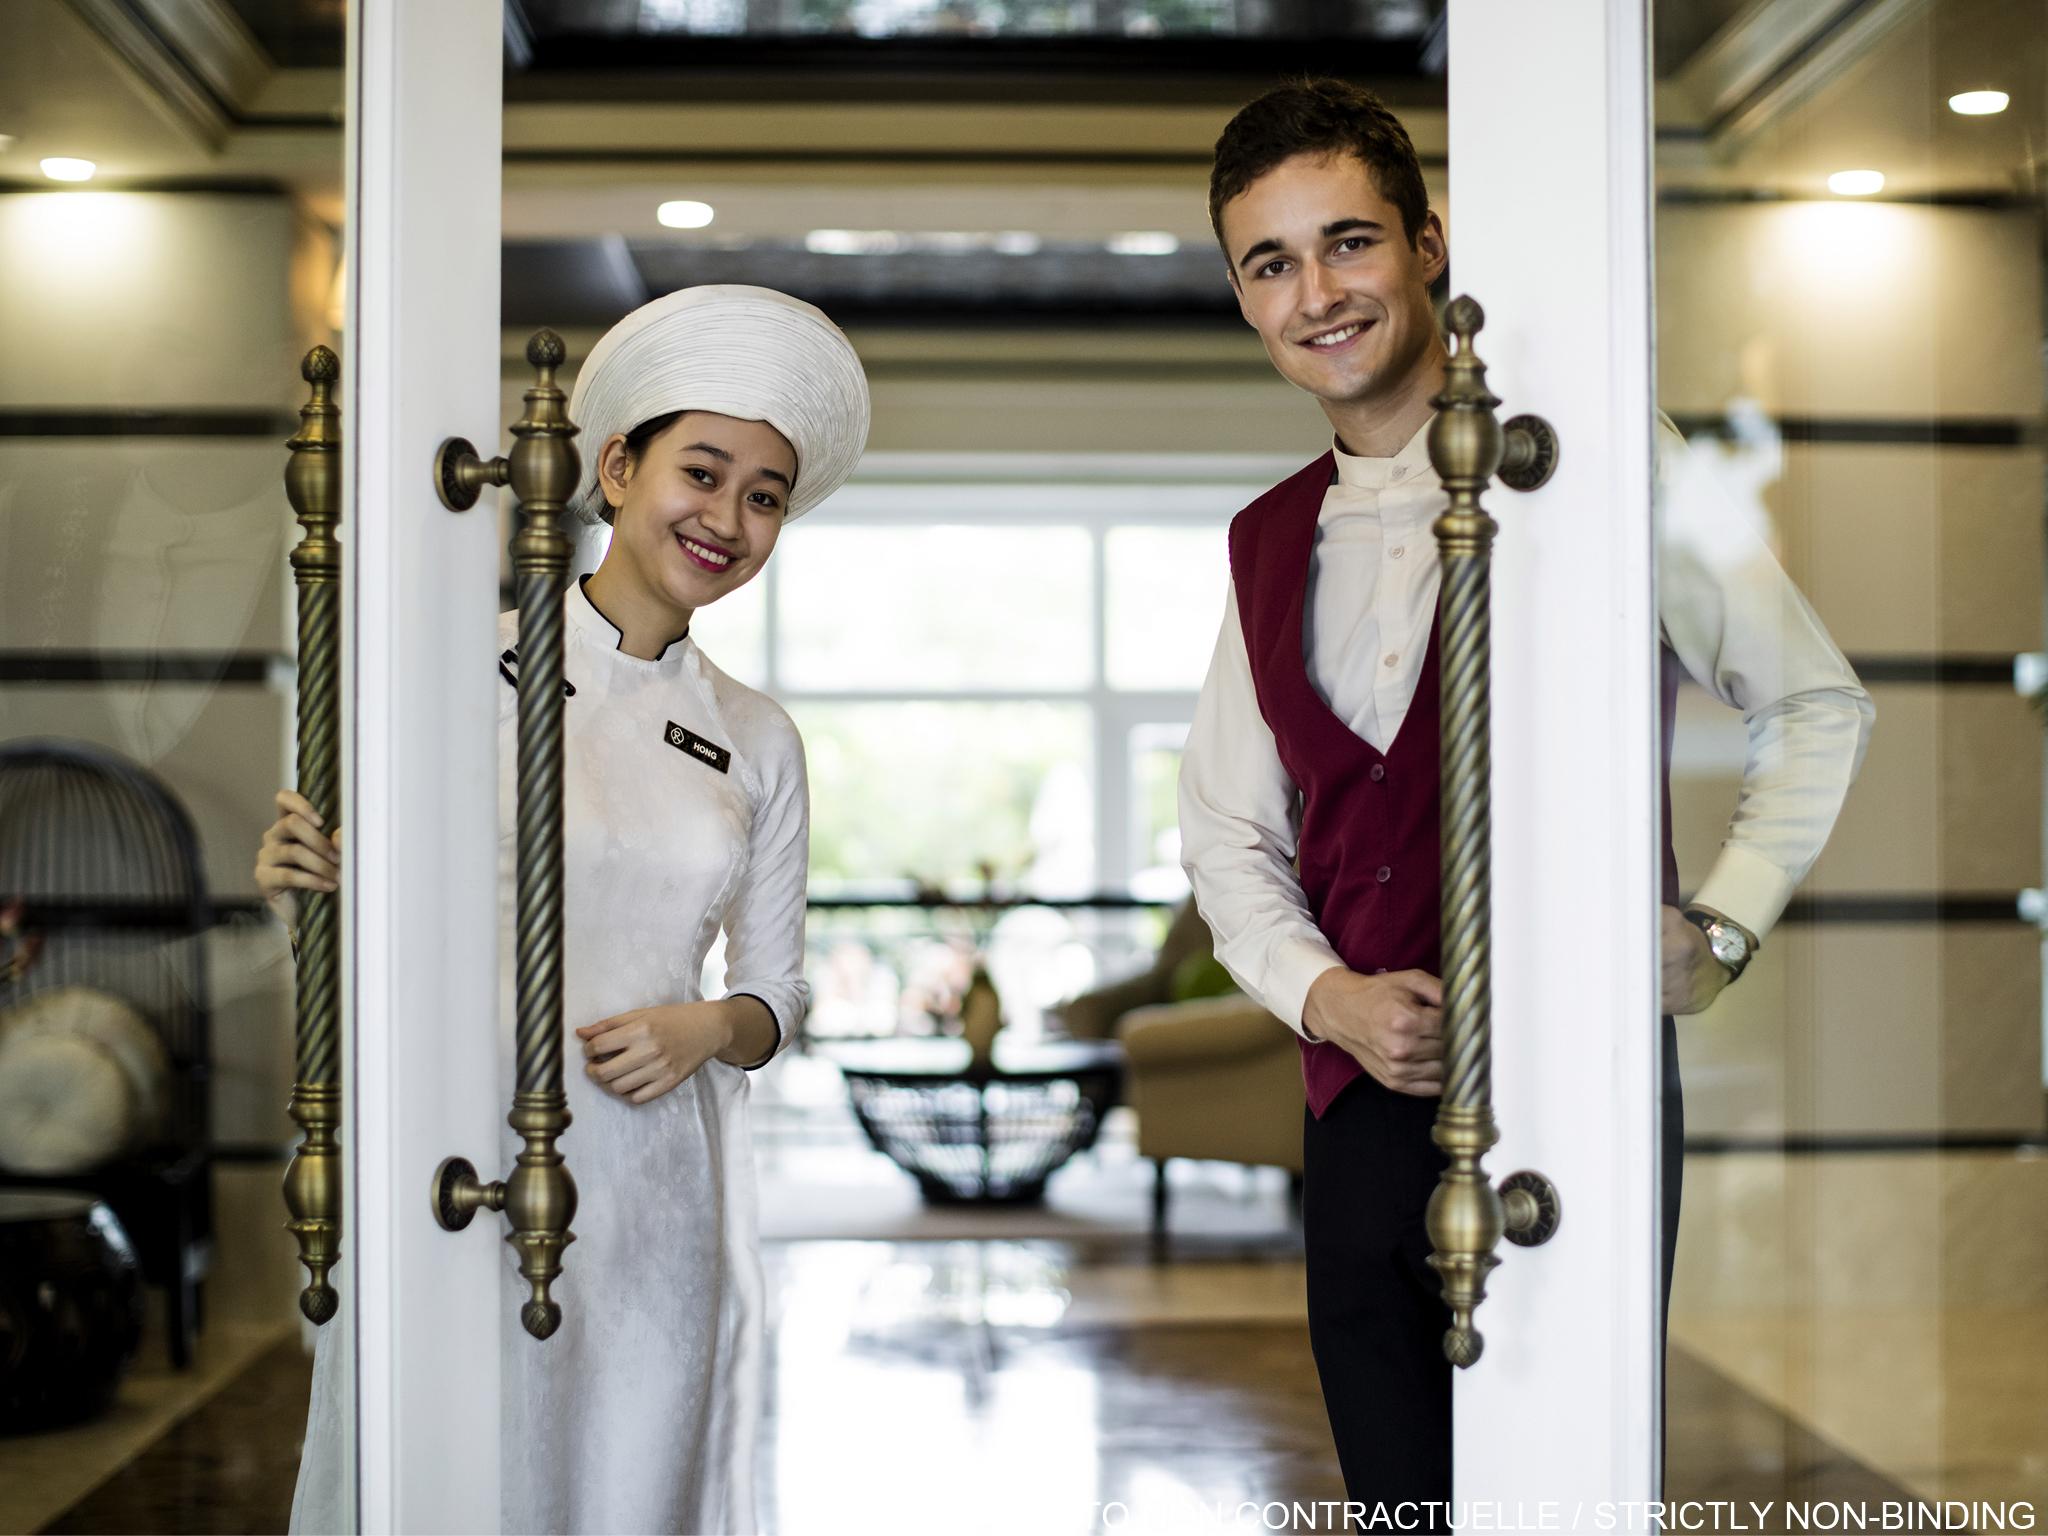 โรงแรม – The Mitchelton Hotel Nagambie (Opening July 2018)